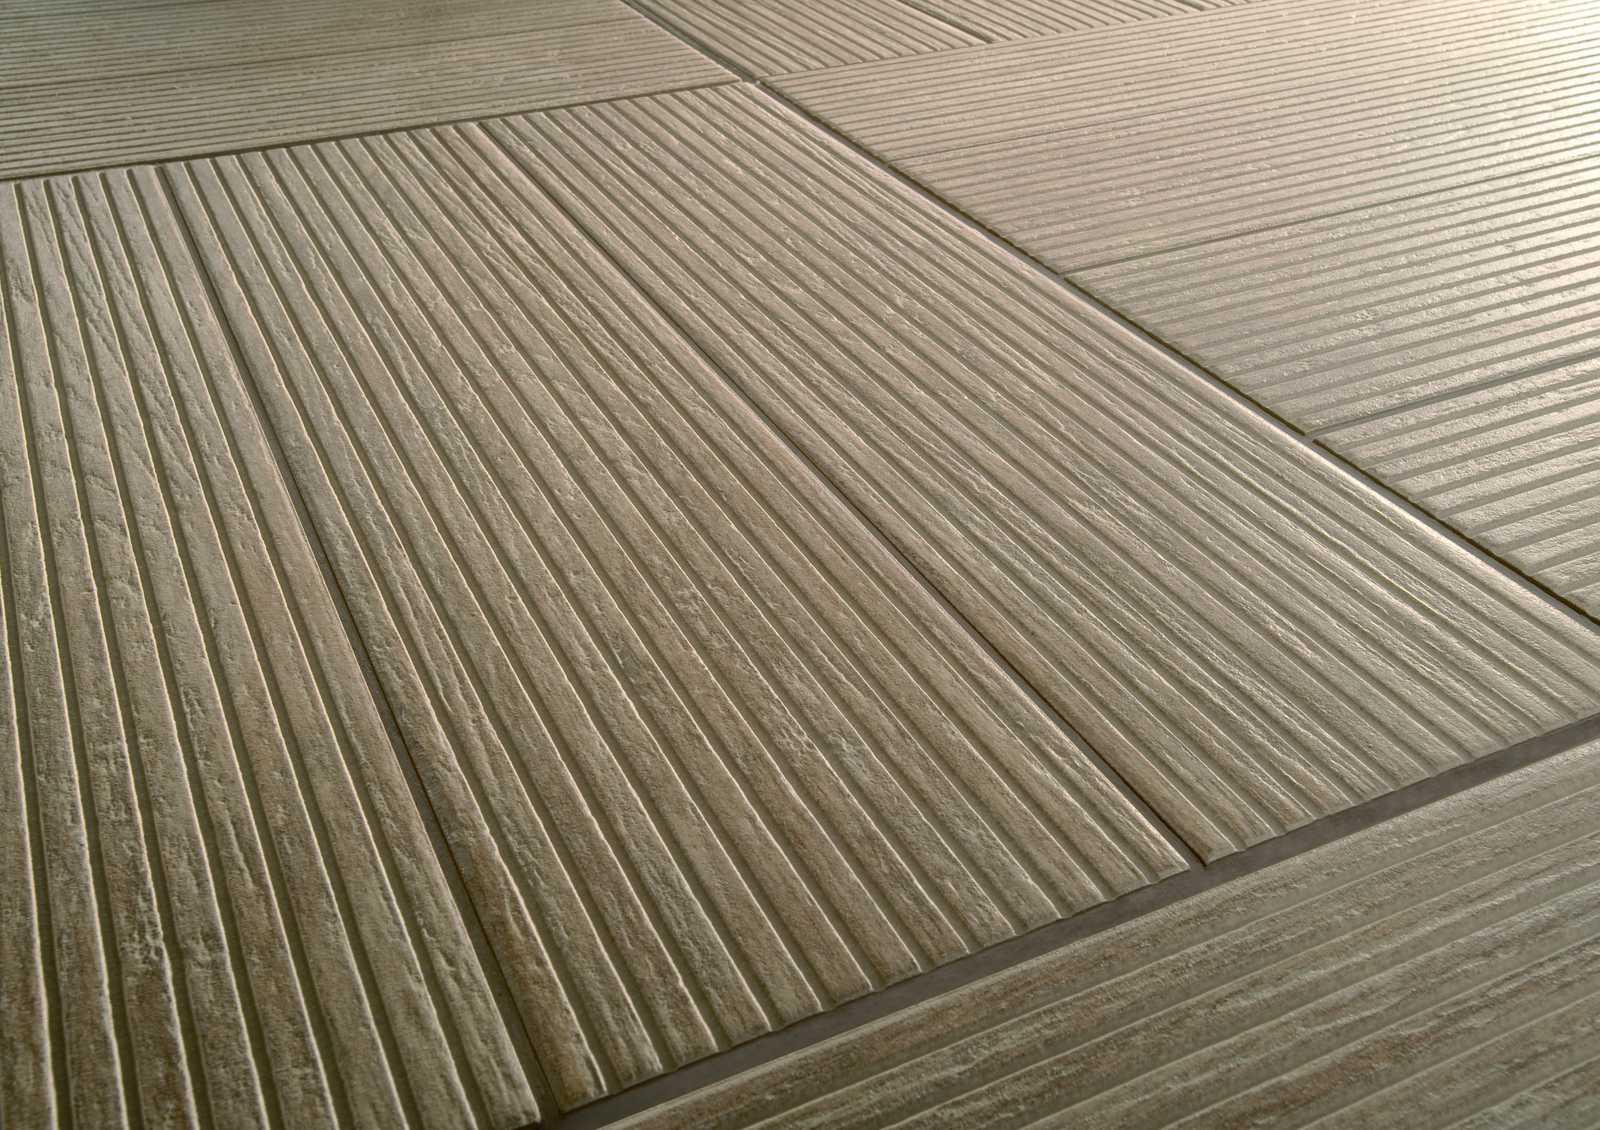 Habitat gres porcel nico imitaci n madera marazzi - Plaquetas suelo exterior ...